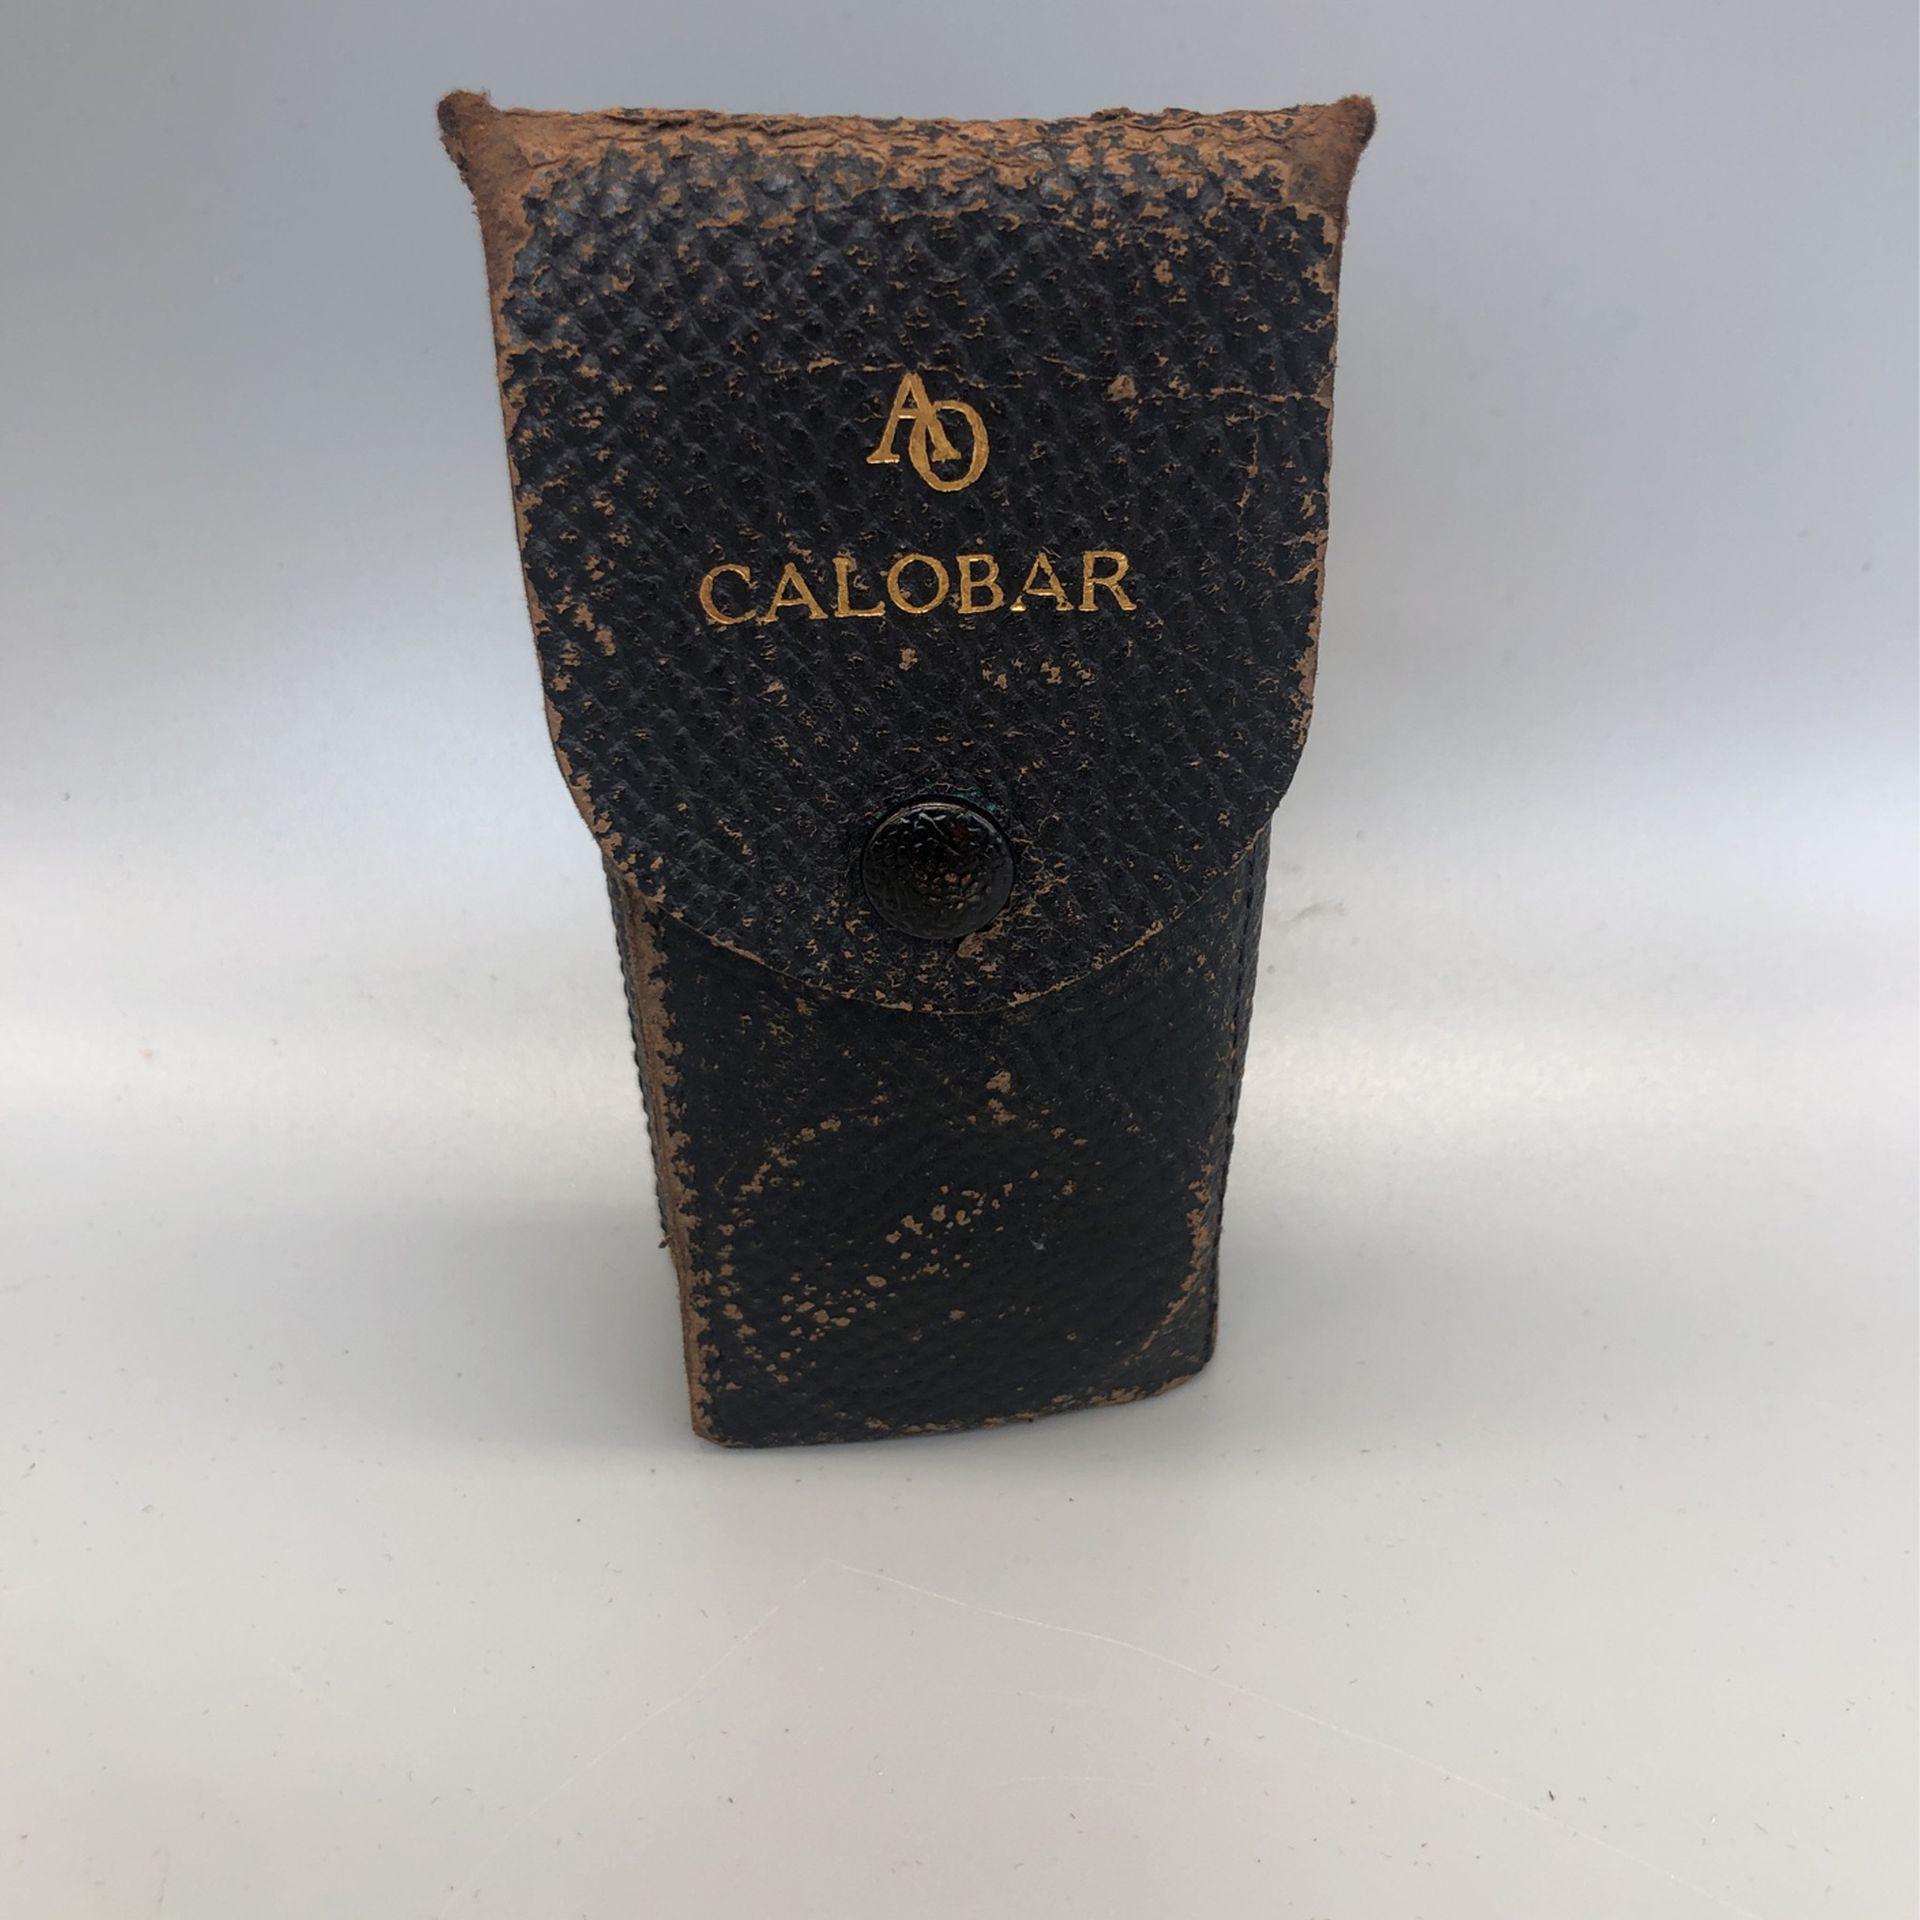 Vintage AO American Optical Calobar green lens with case